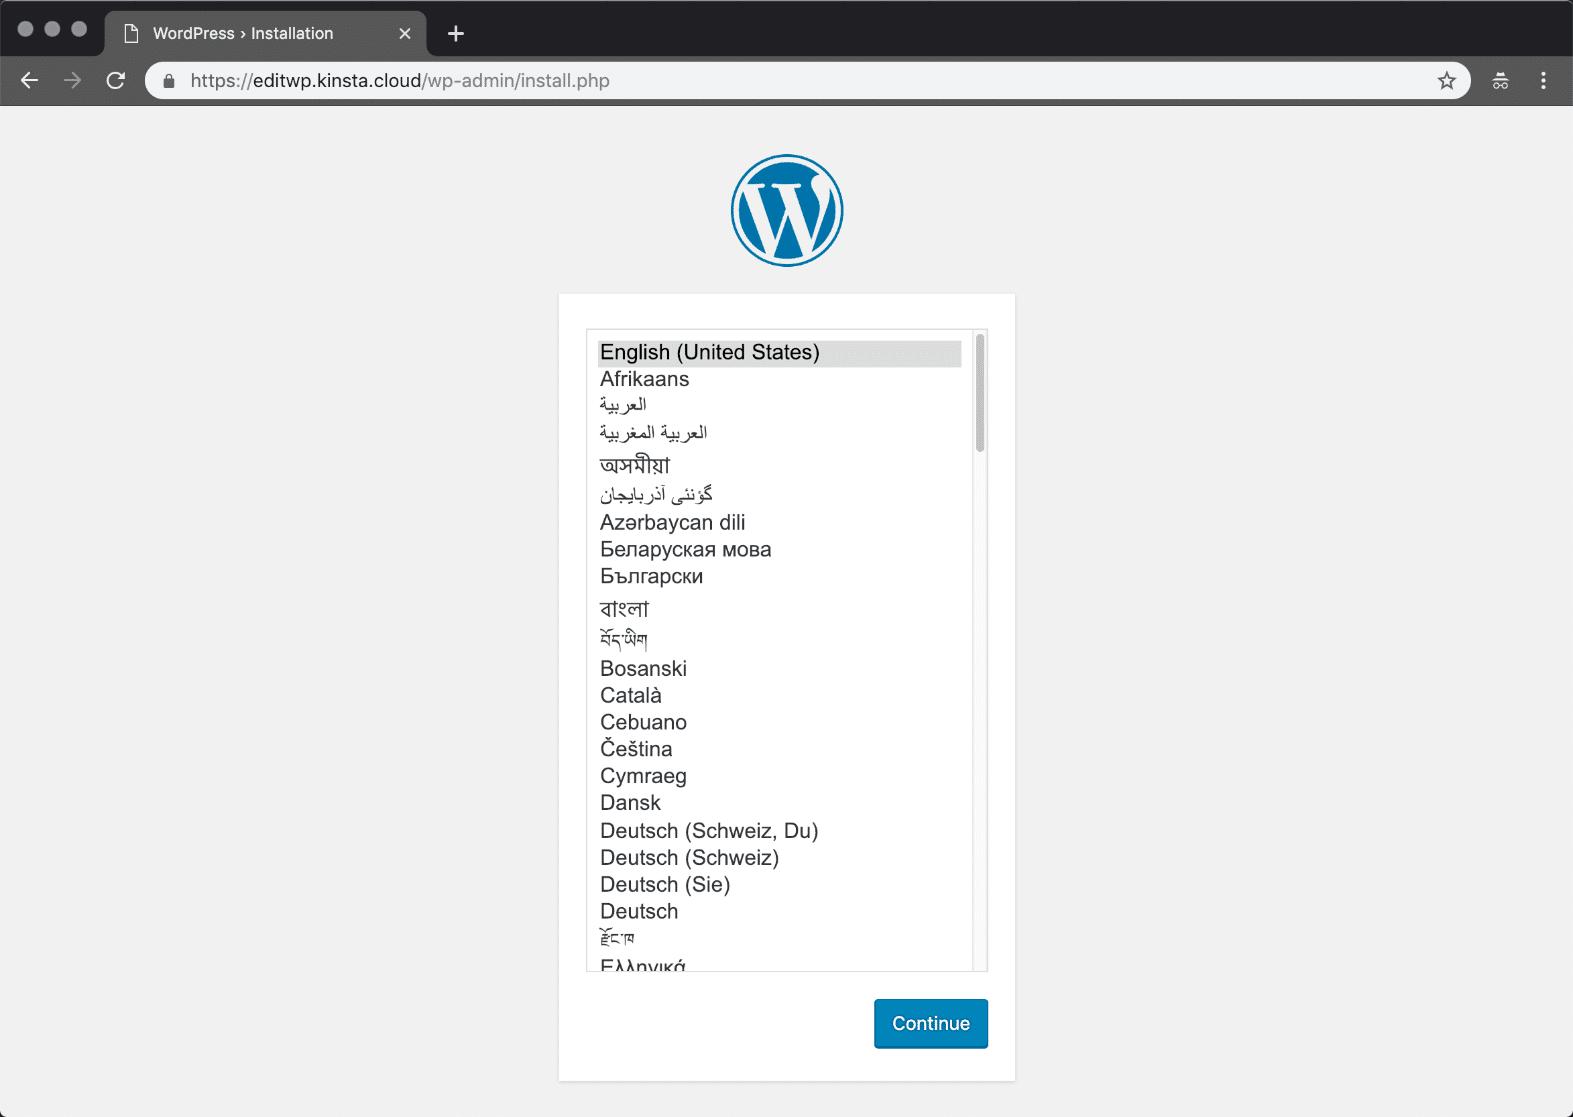 Installare la lingua di WordPress